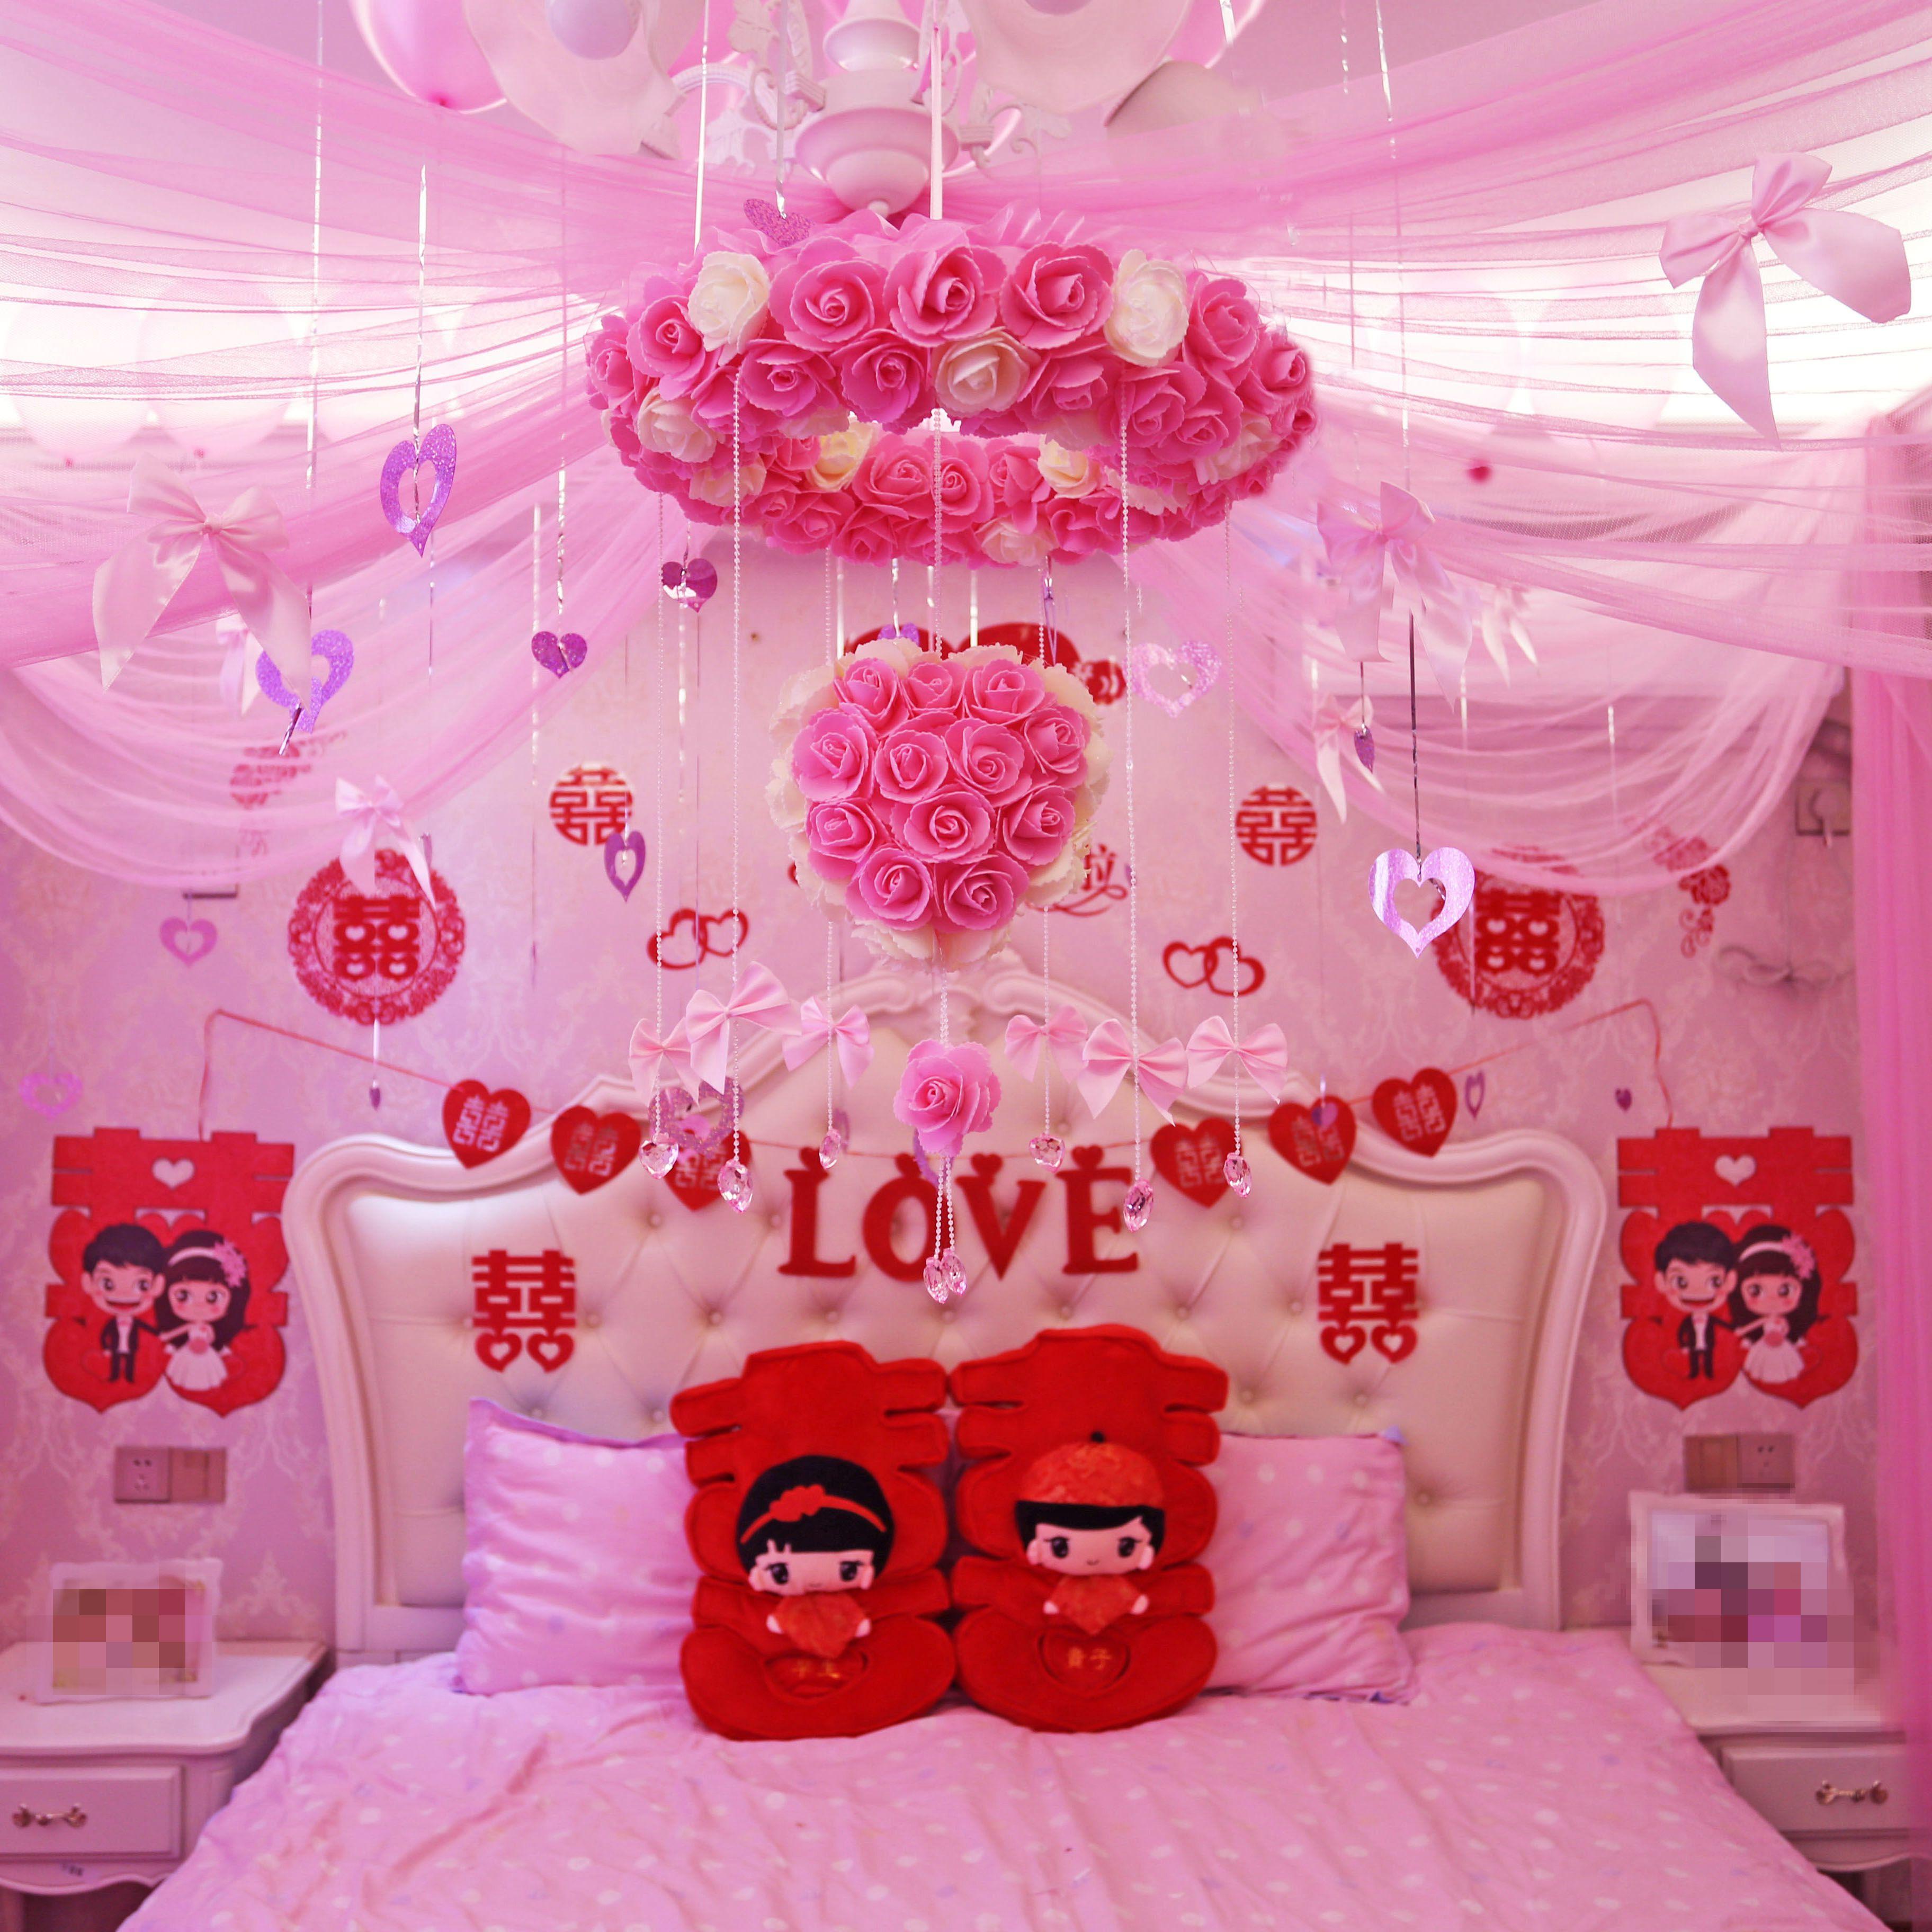 结婚用品拉花 婚庆婚房装饰布置创意 浪漫 新房花球纱幔挂饰套餐